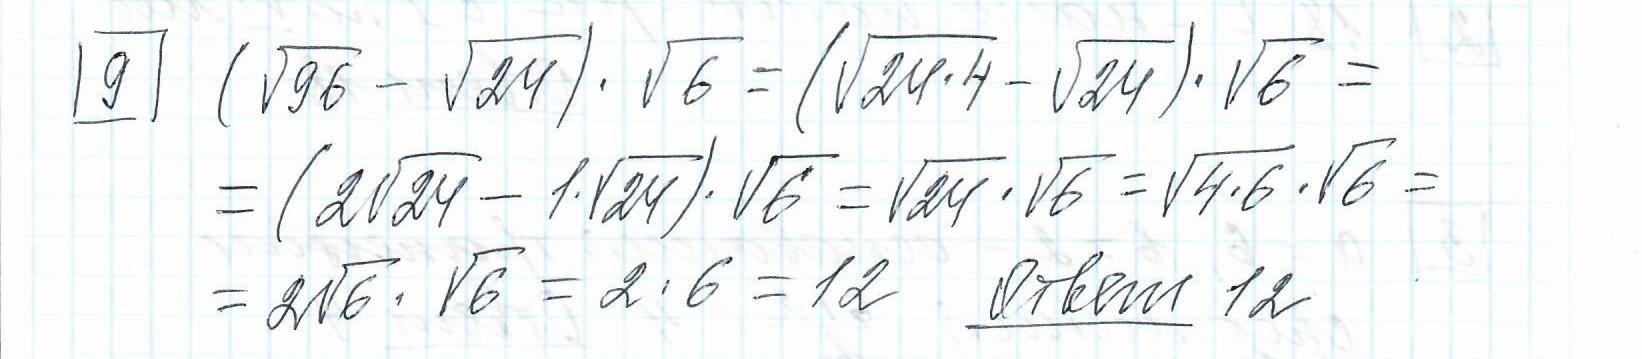 Задние 9, Вариант 7, решение и ответ - Ященко ЕГЭ 2019 математика профиль 36 вариантов